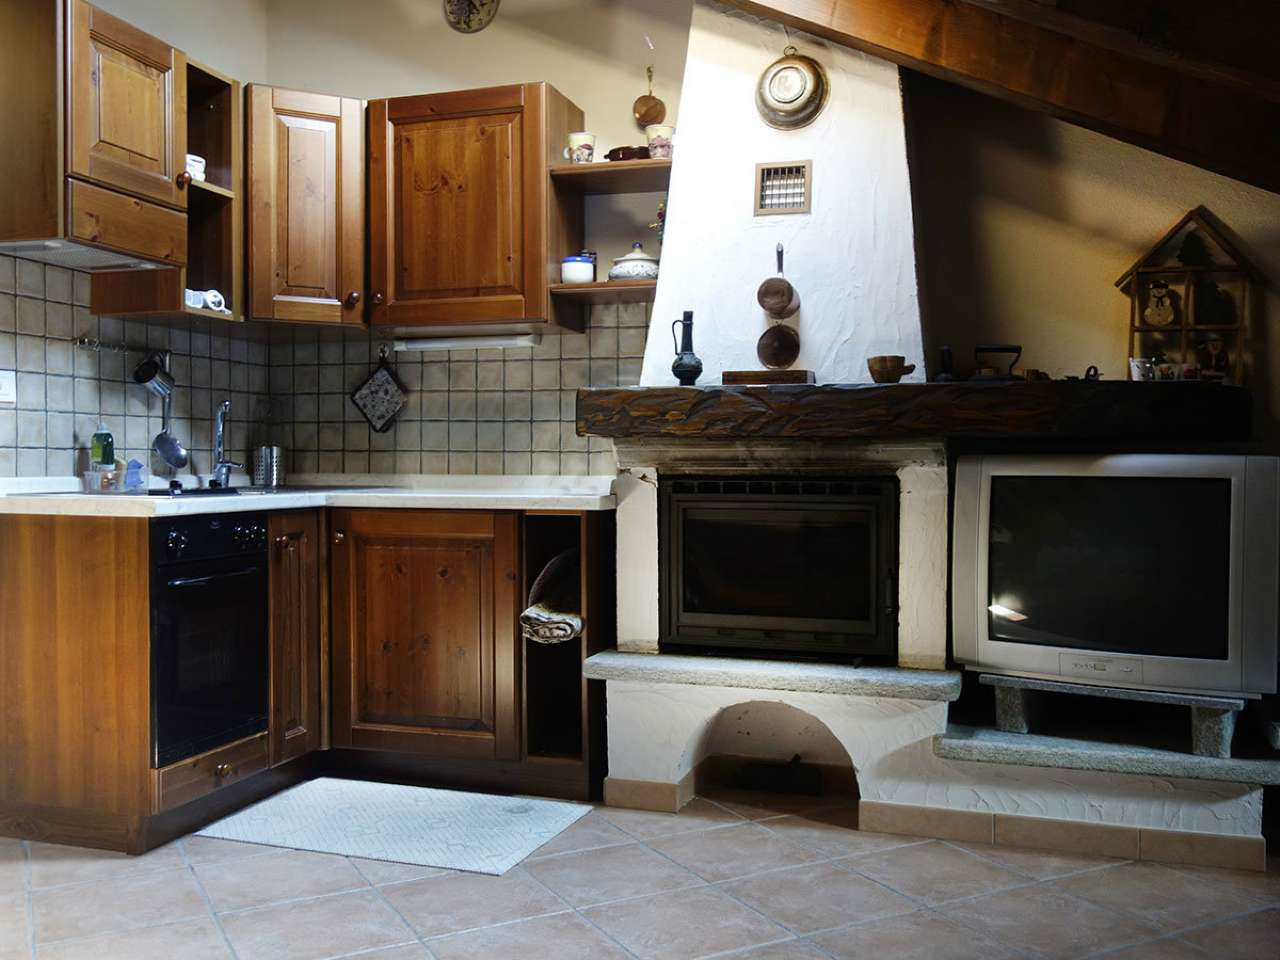 Attico / Mansarda in affitto a Morgex, 2 locali, Trattative riservate   CambioCasa.it